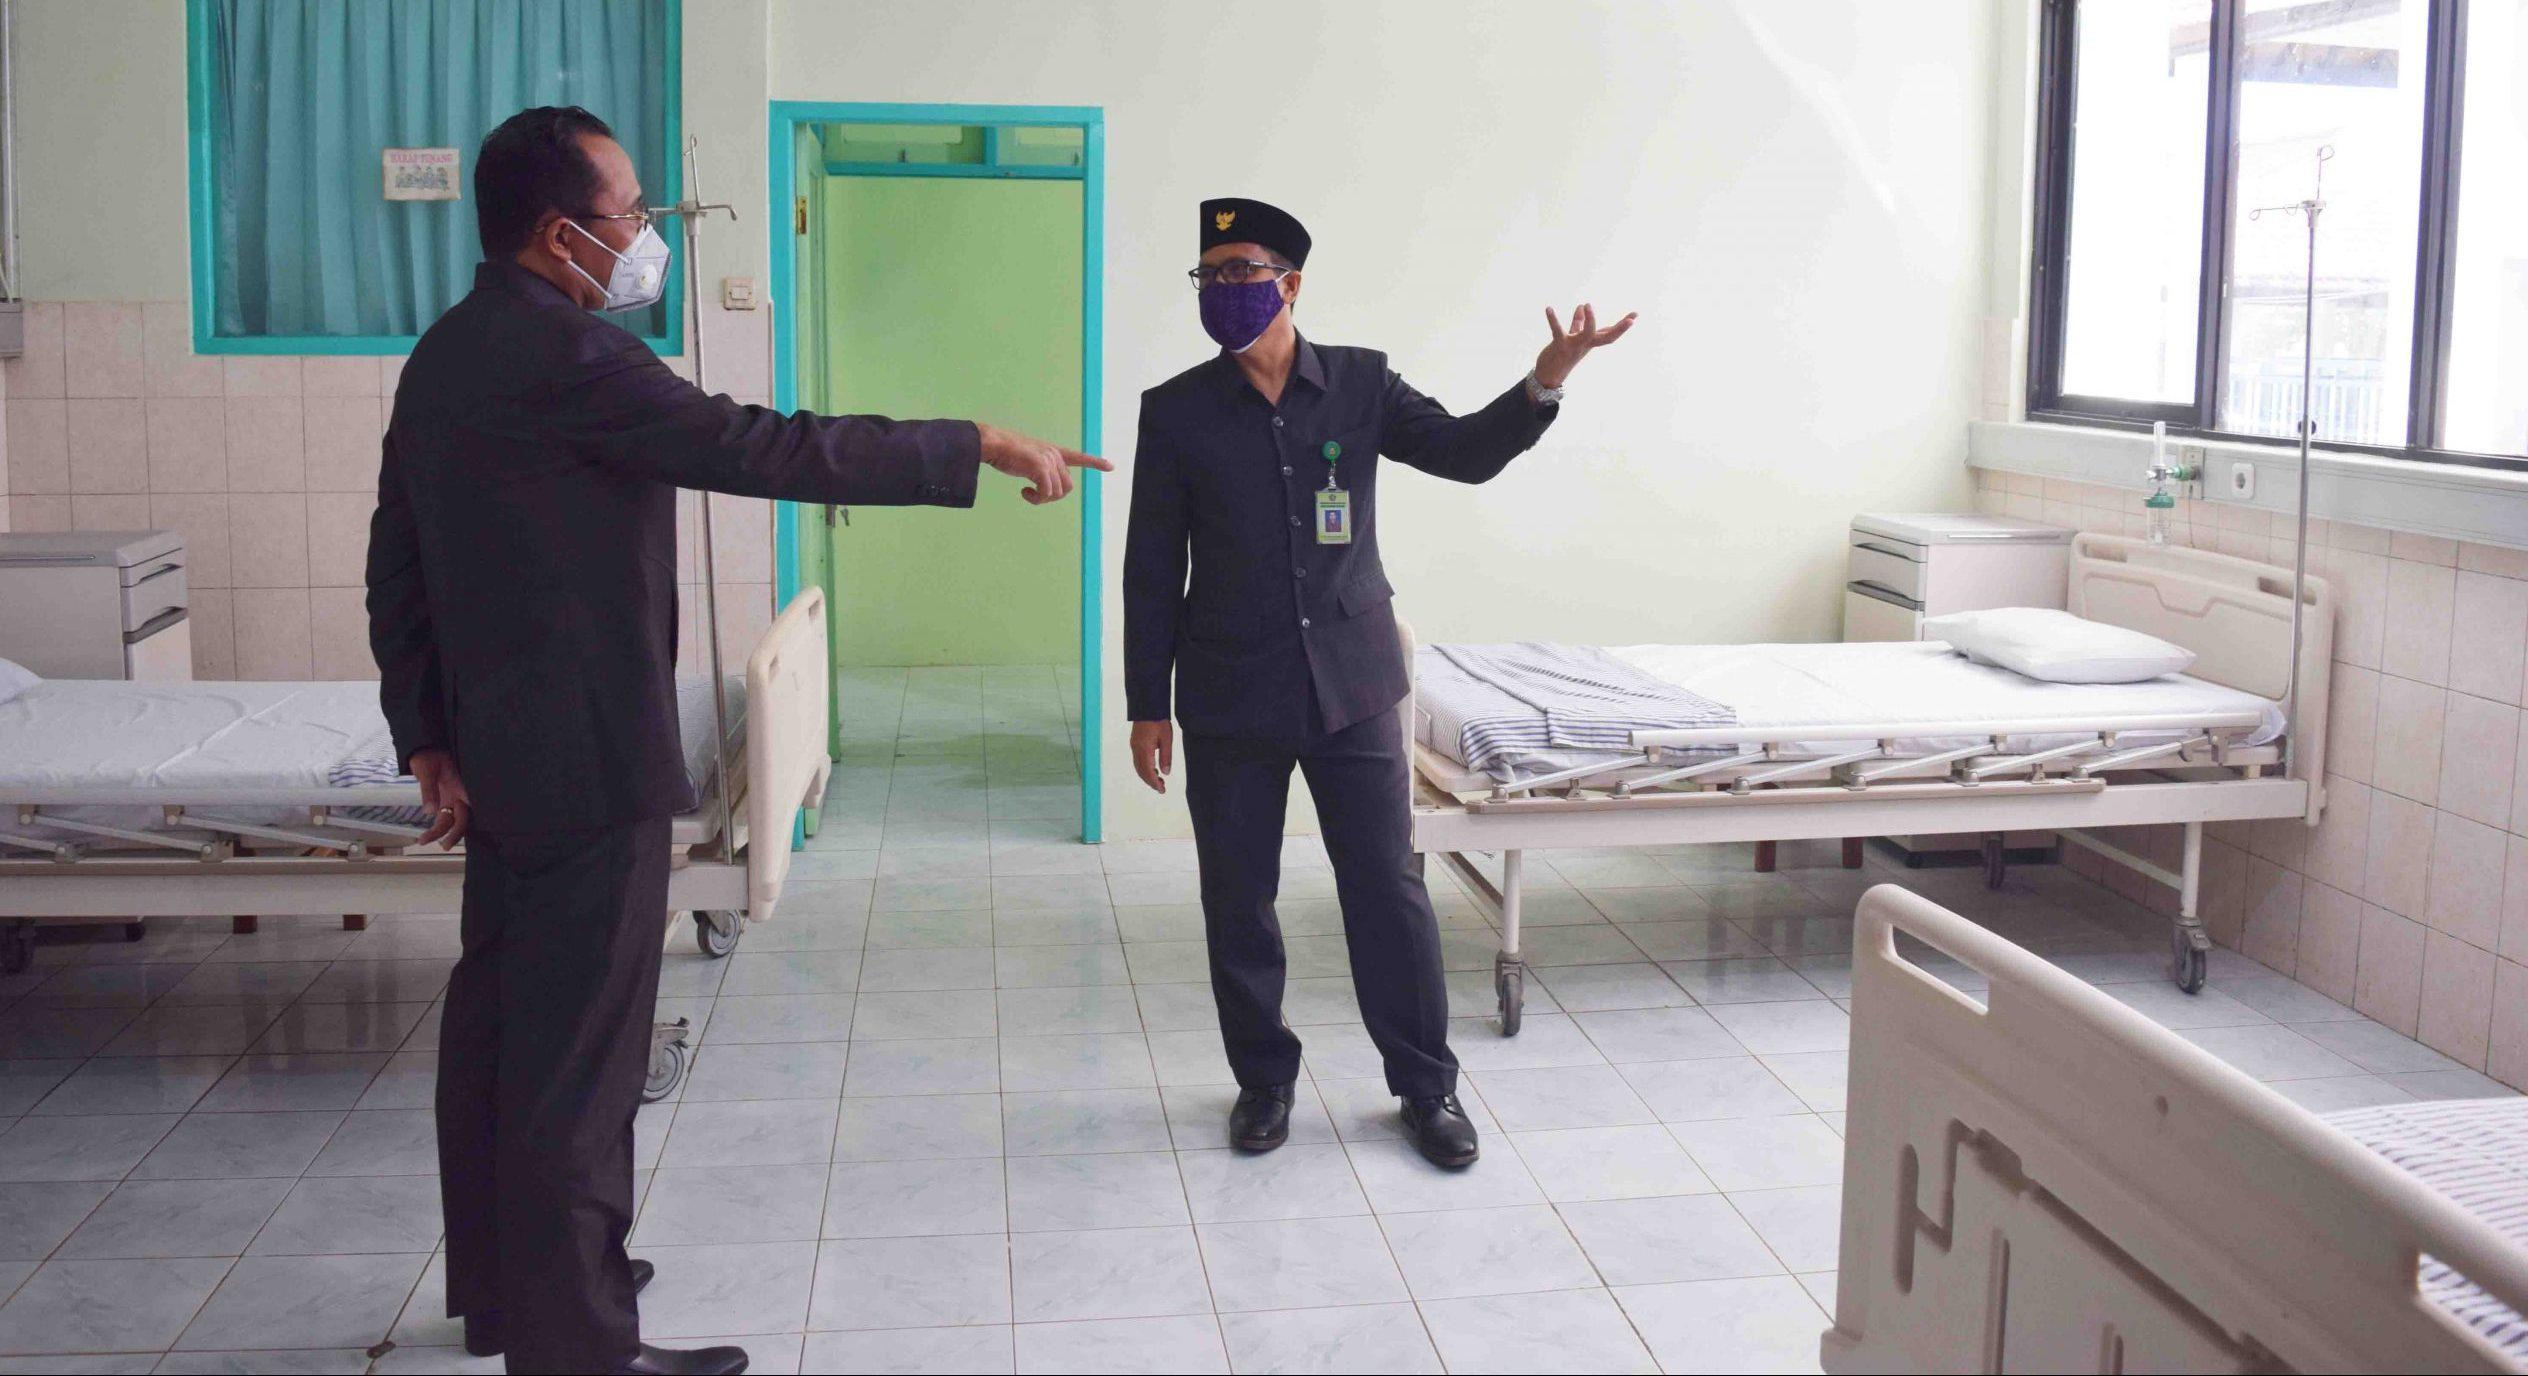 SEKDA Buleleng, Gede Suyasa, saat mengecek kondisi ruangan di RSUD Buleleng. Foto: rik